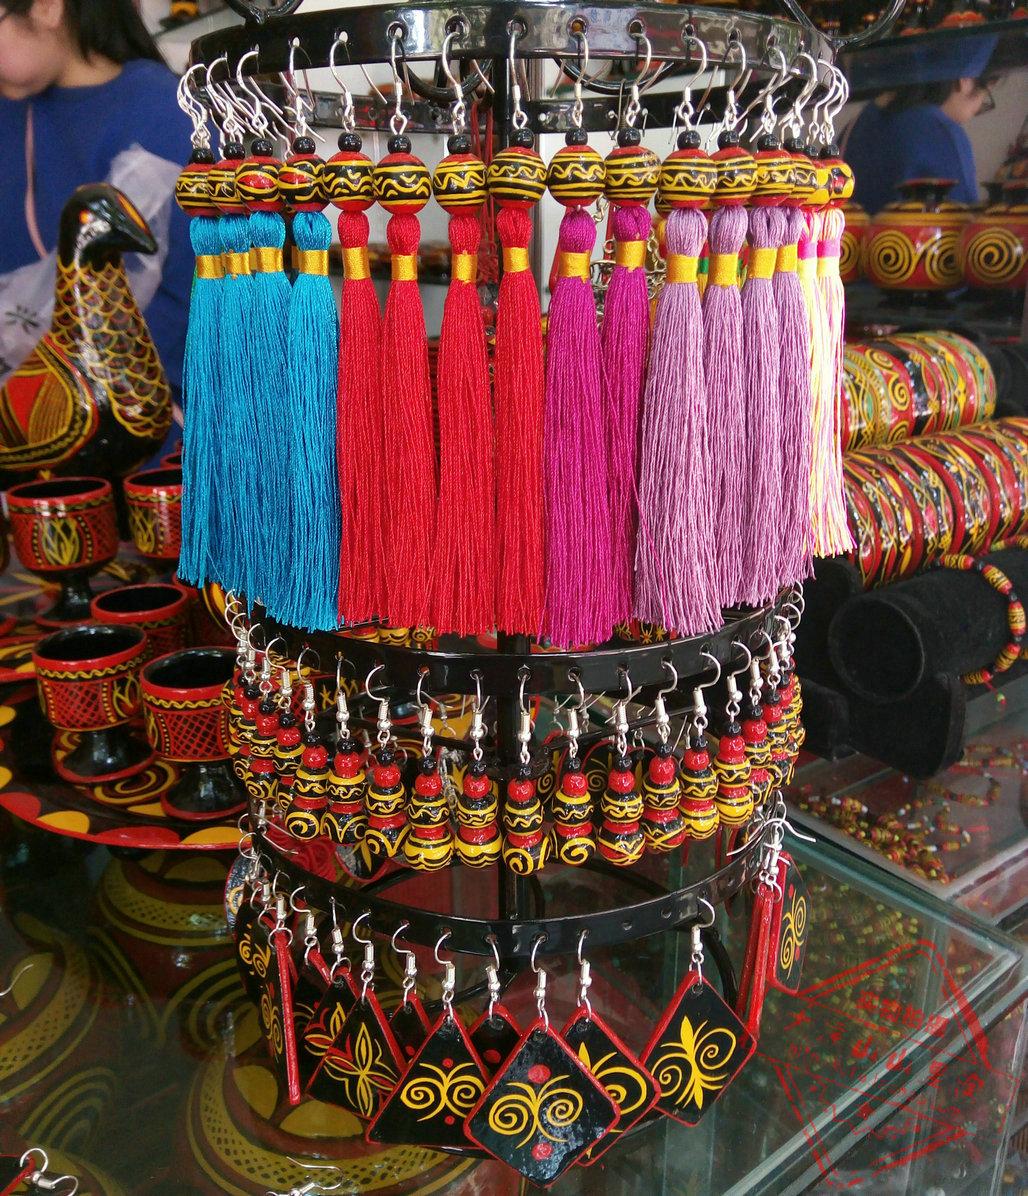 Национальные китайские сувениры Артикул 546237305506